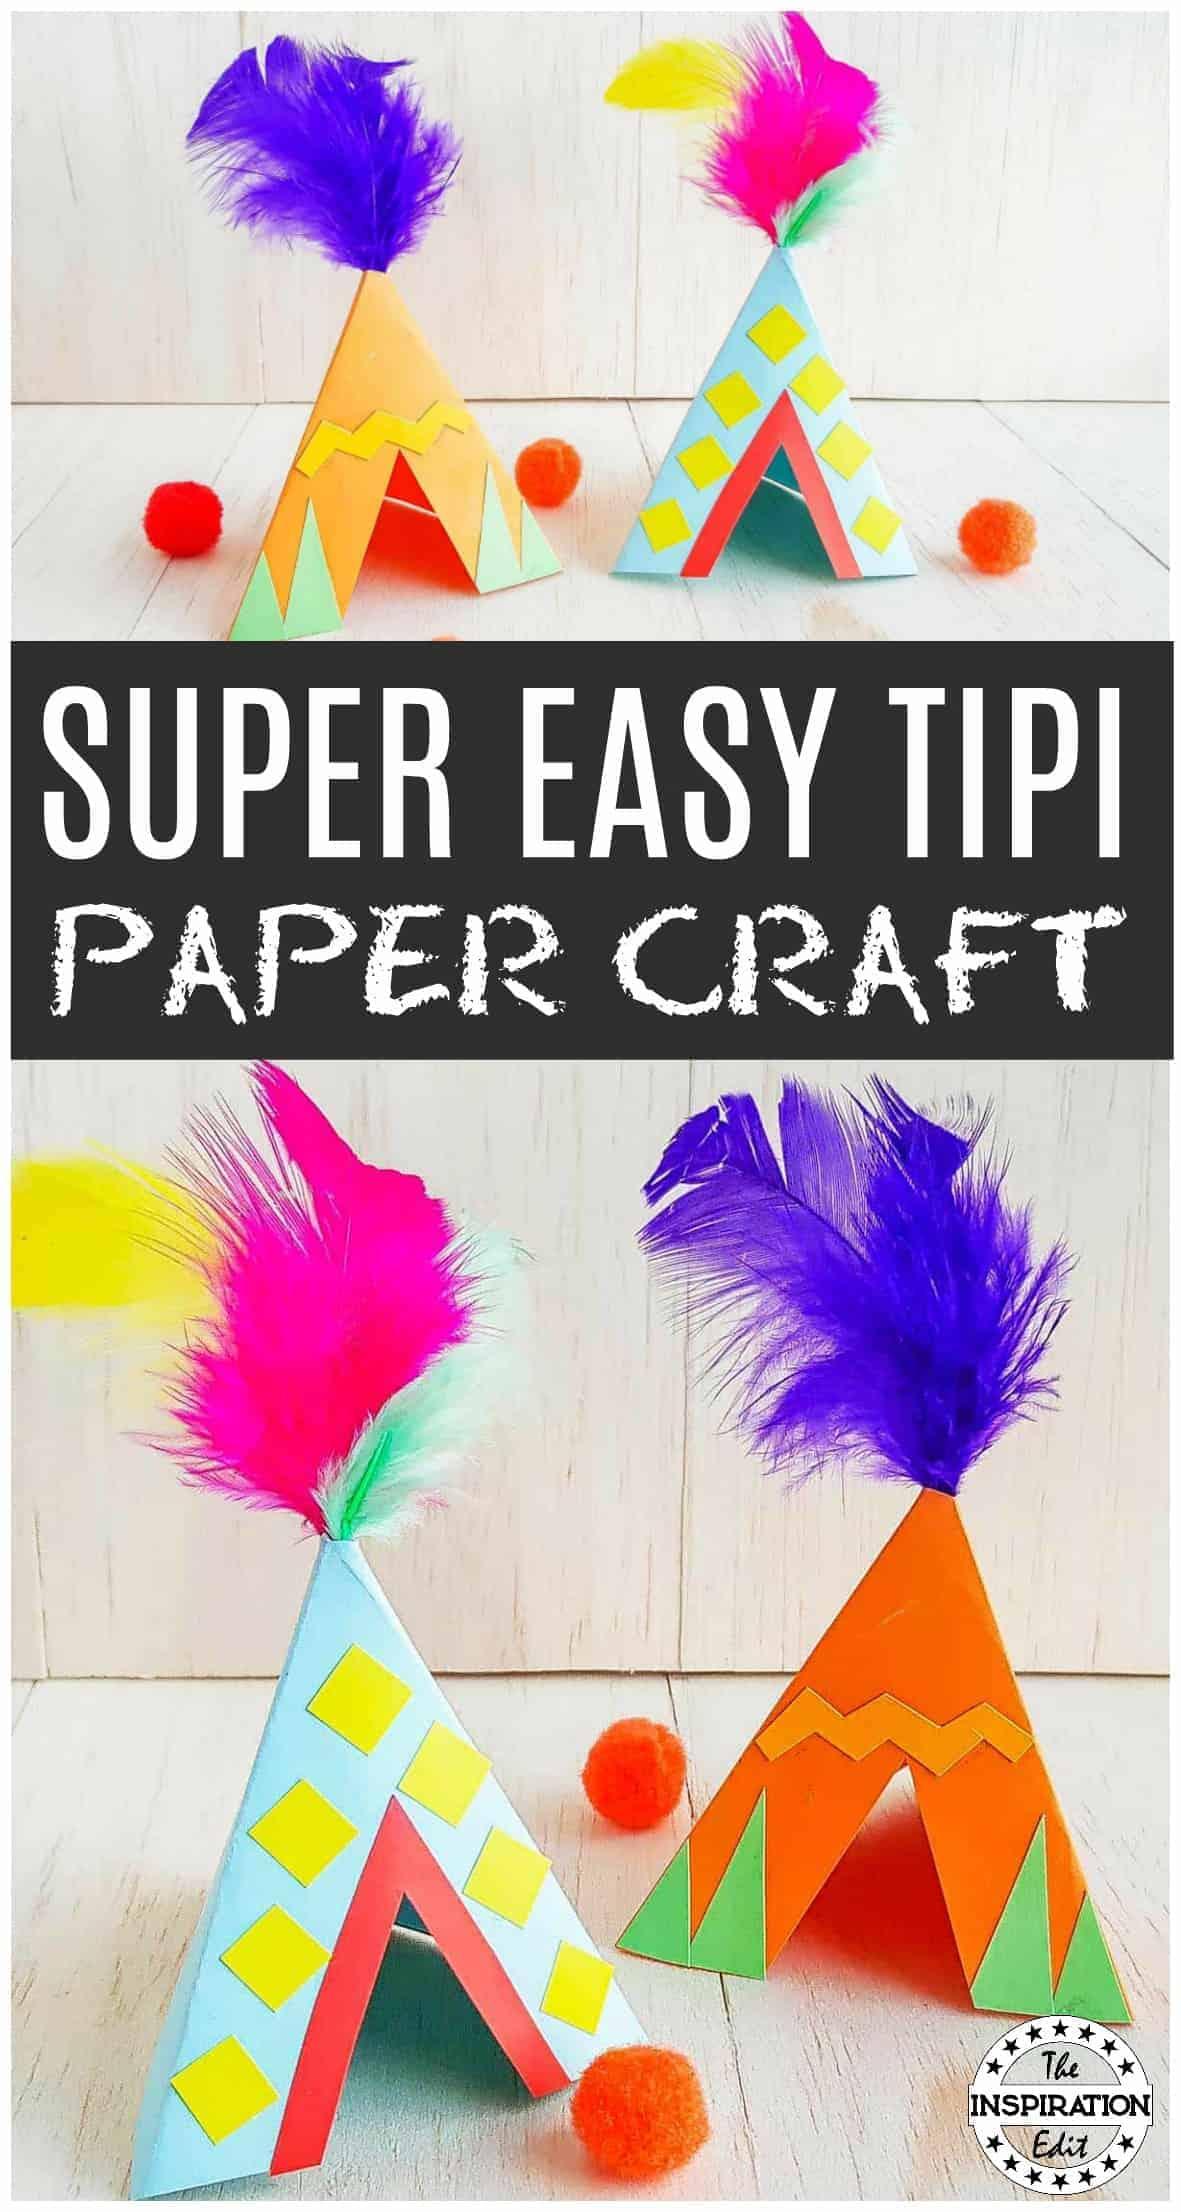 TIPI PAPER CRAFT FOR KIDS